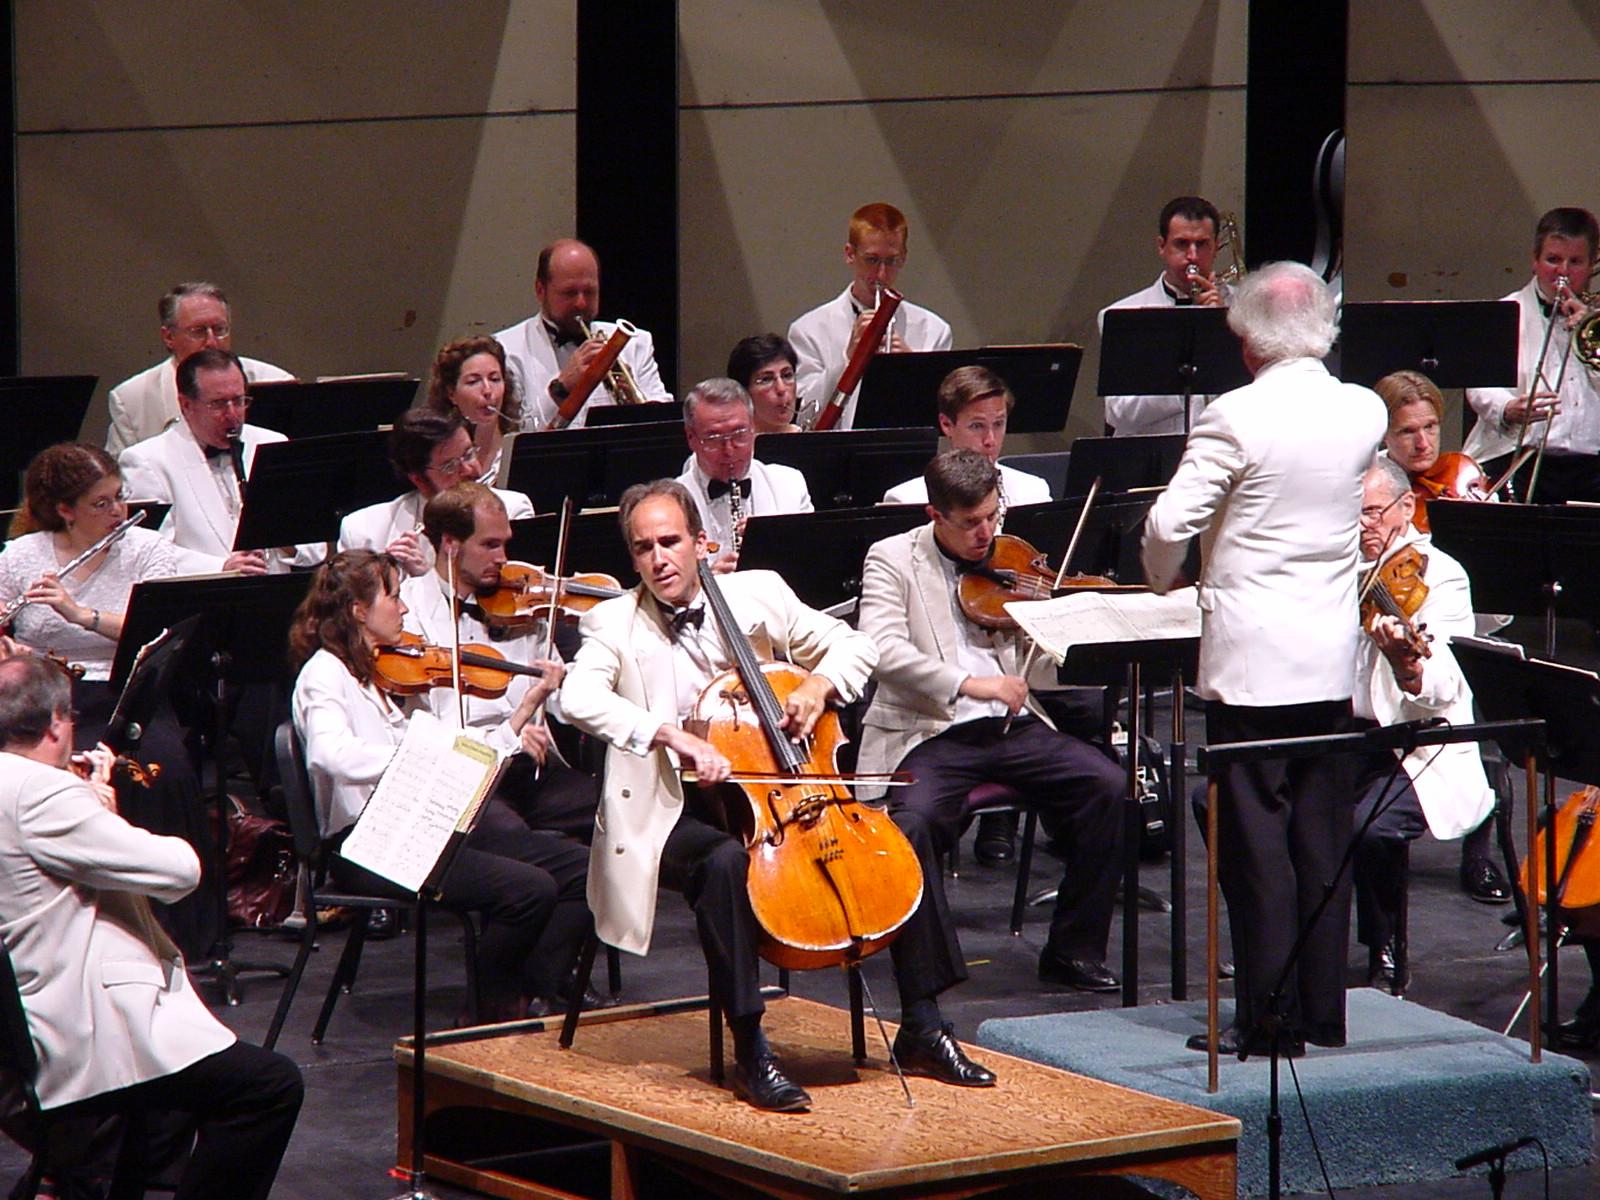 American Sinfonietta